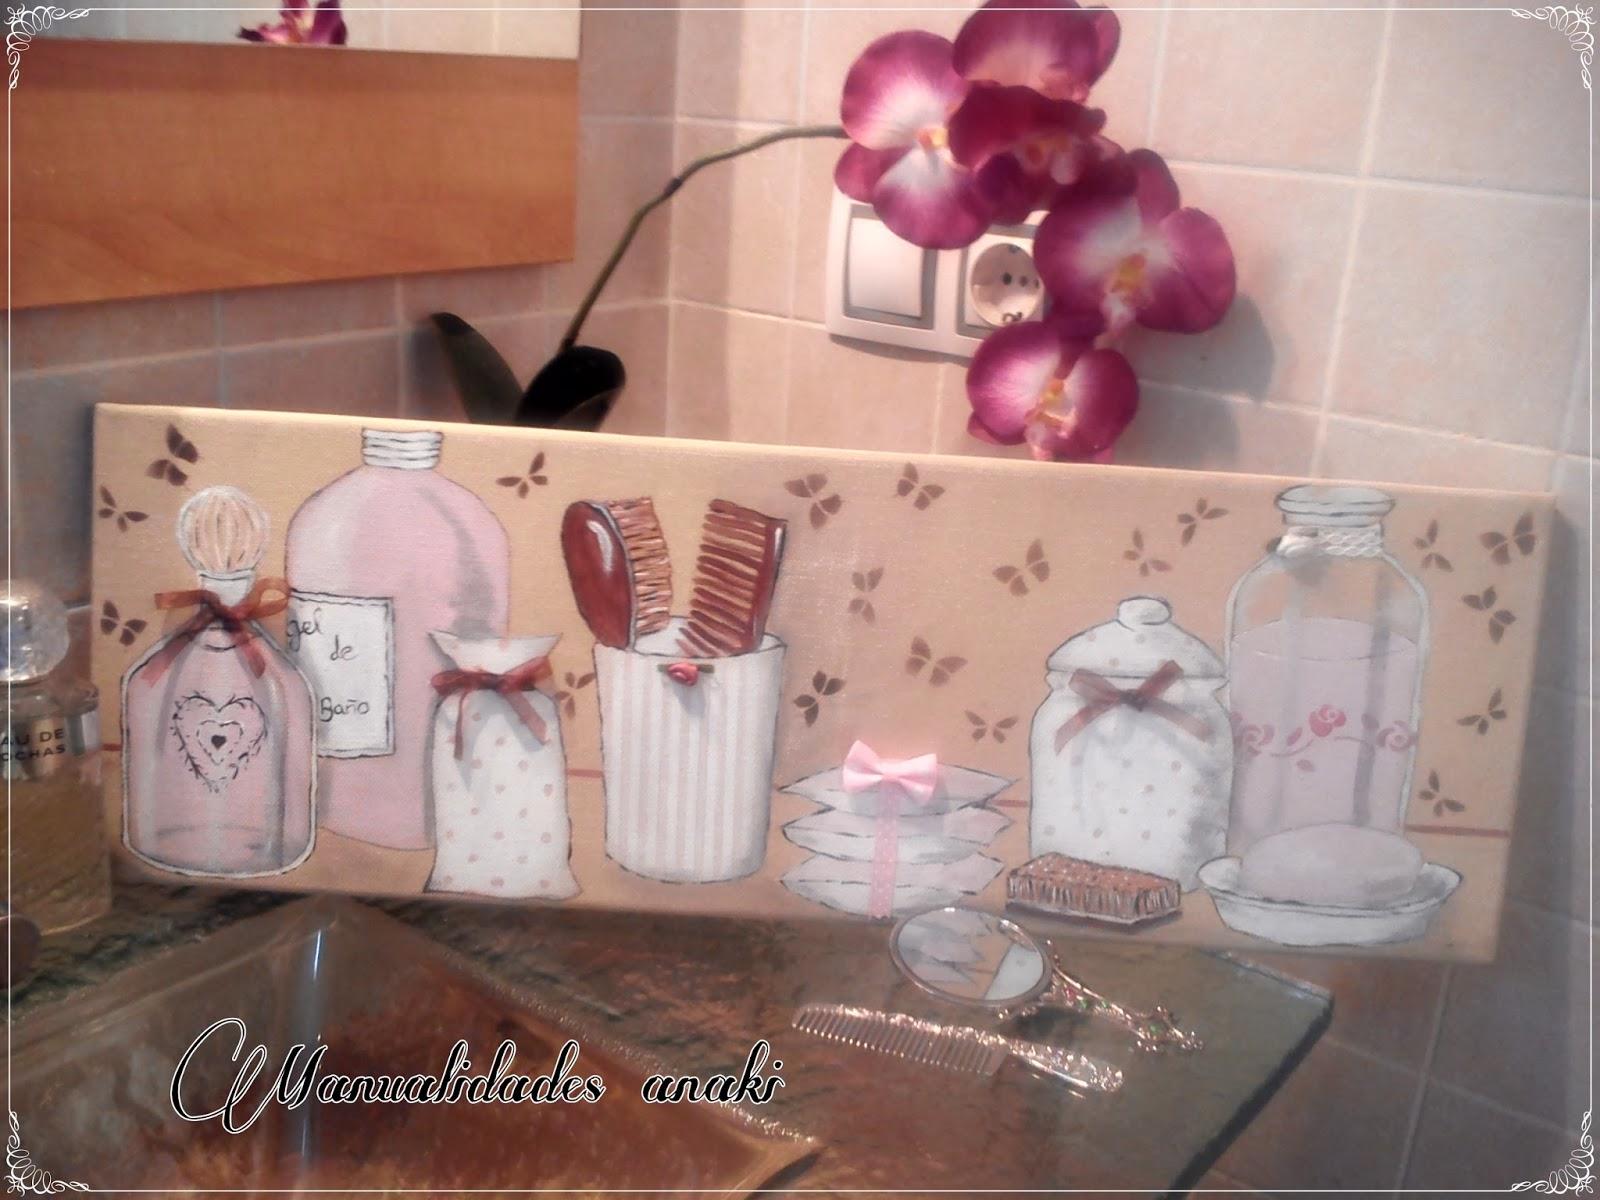 Manualidades anaki cuadro ba o en rosa - Cuadros de cuarto de bano ...